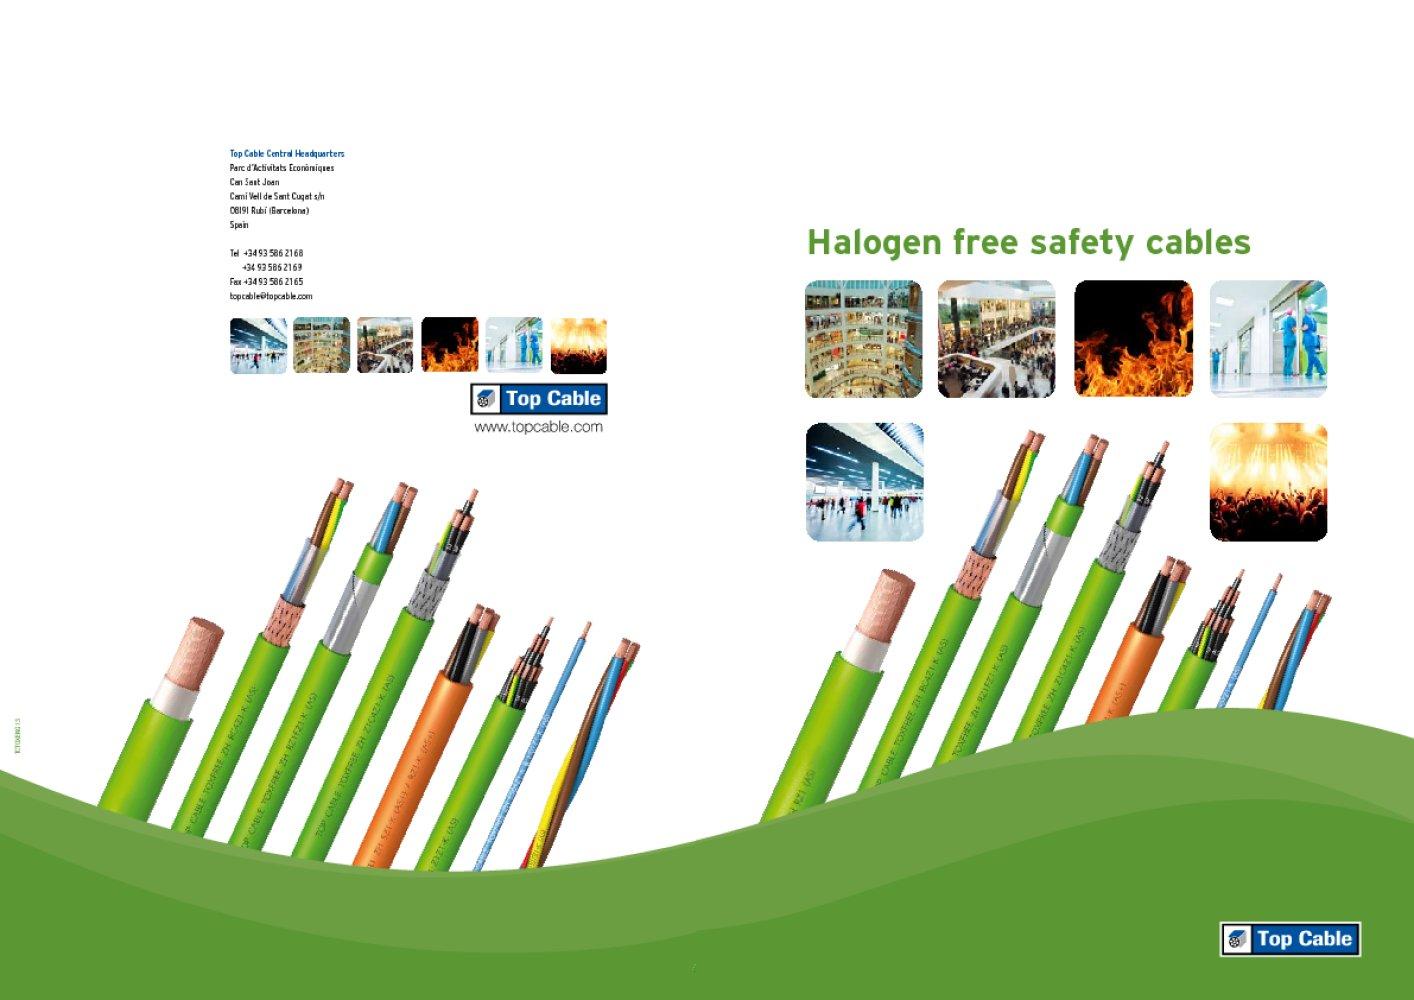 Cáp Halogen free